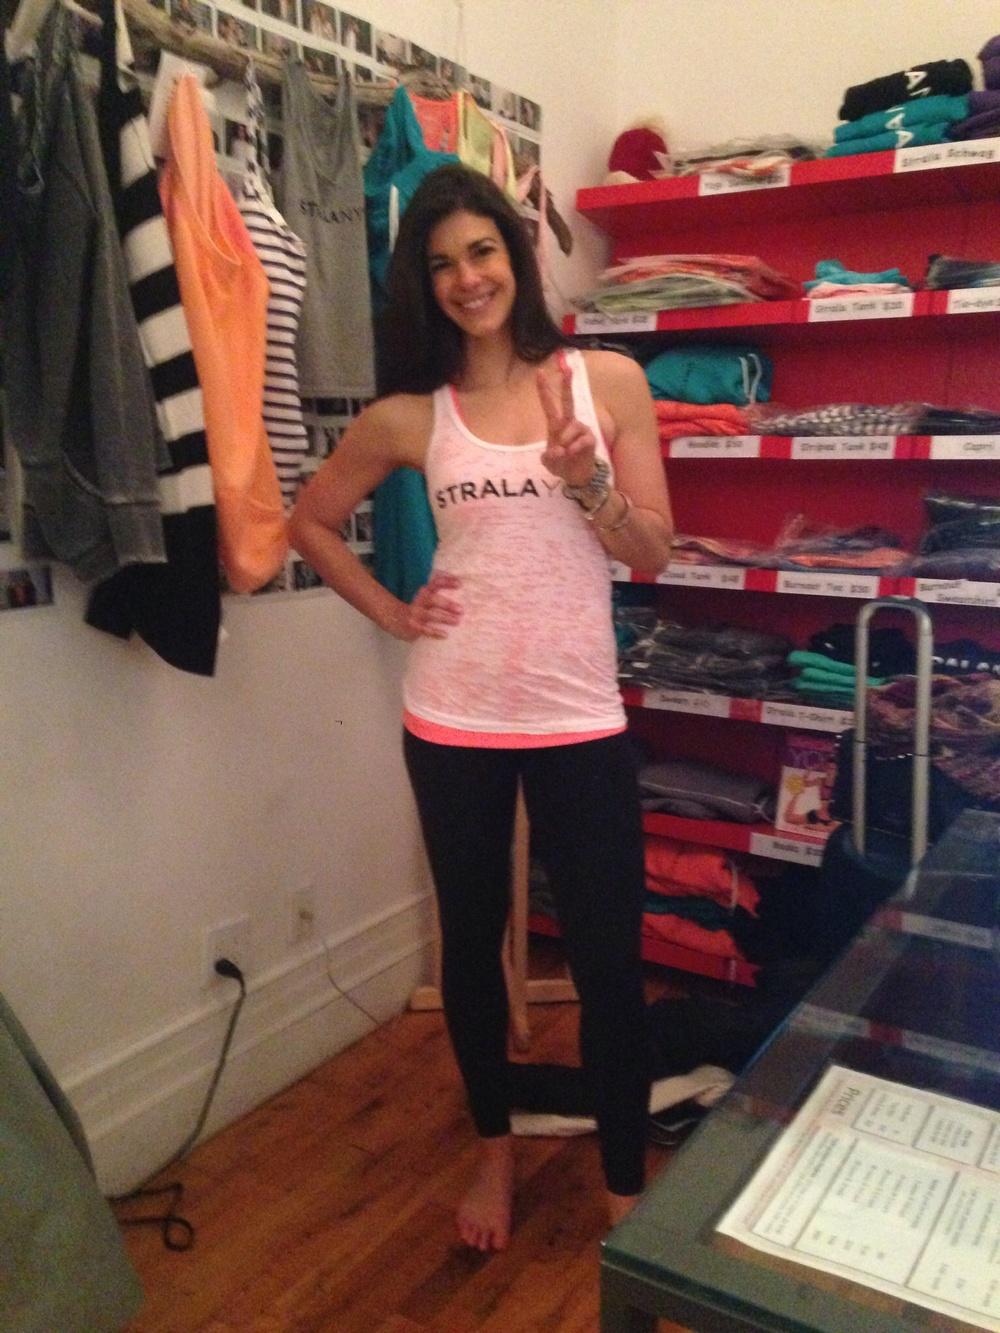 Strala Yoga - NYC - Lauren Schwaiger